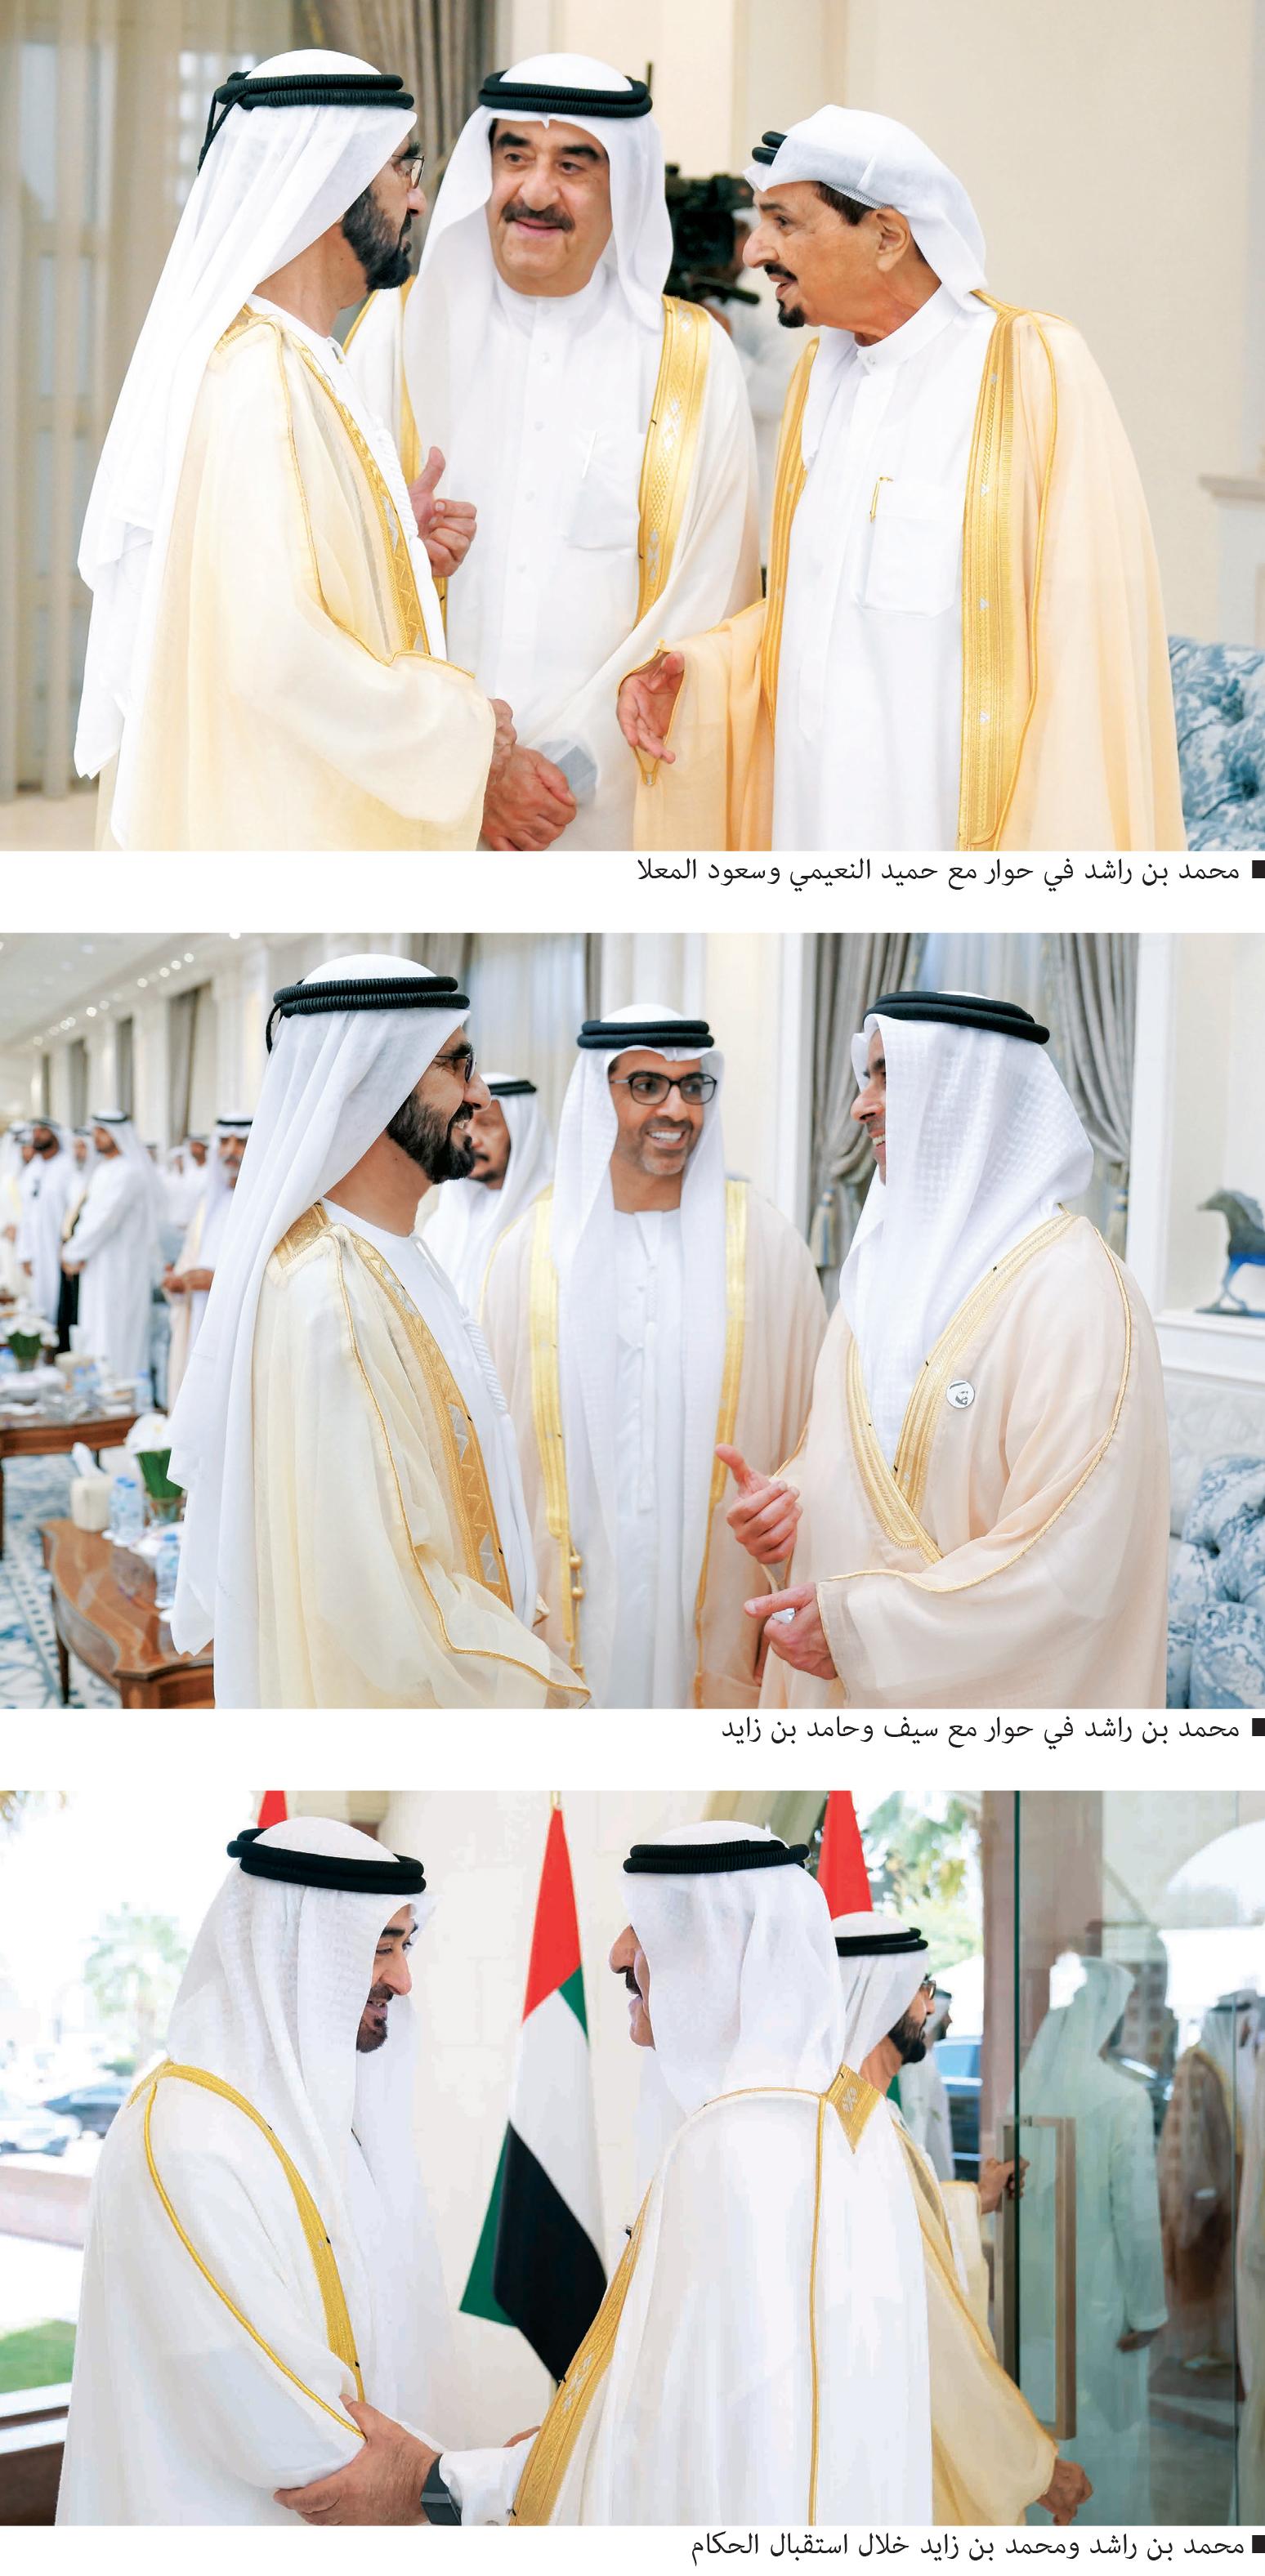 Mohammed bin Rashid and Mohammed bin Zayed and the rulers